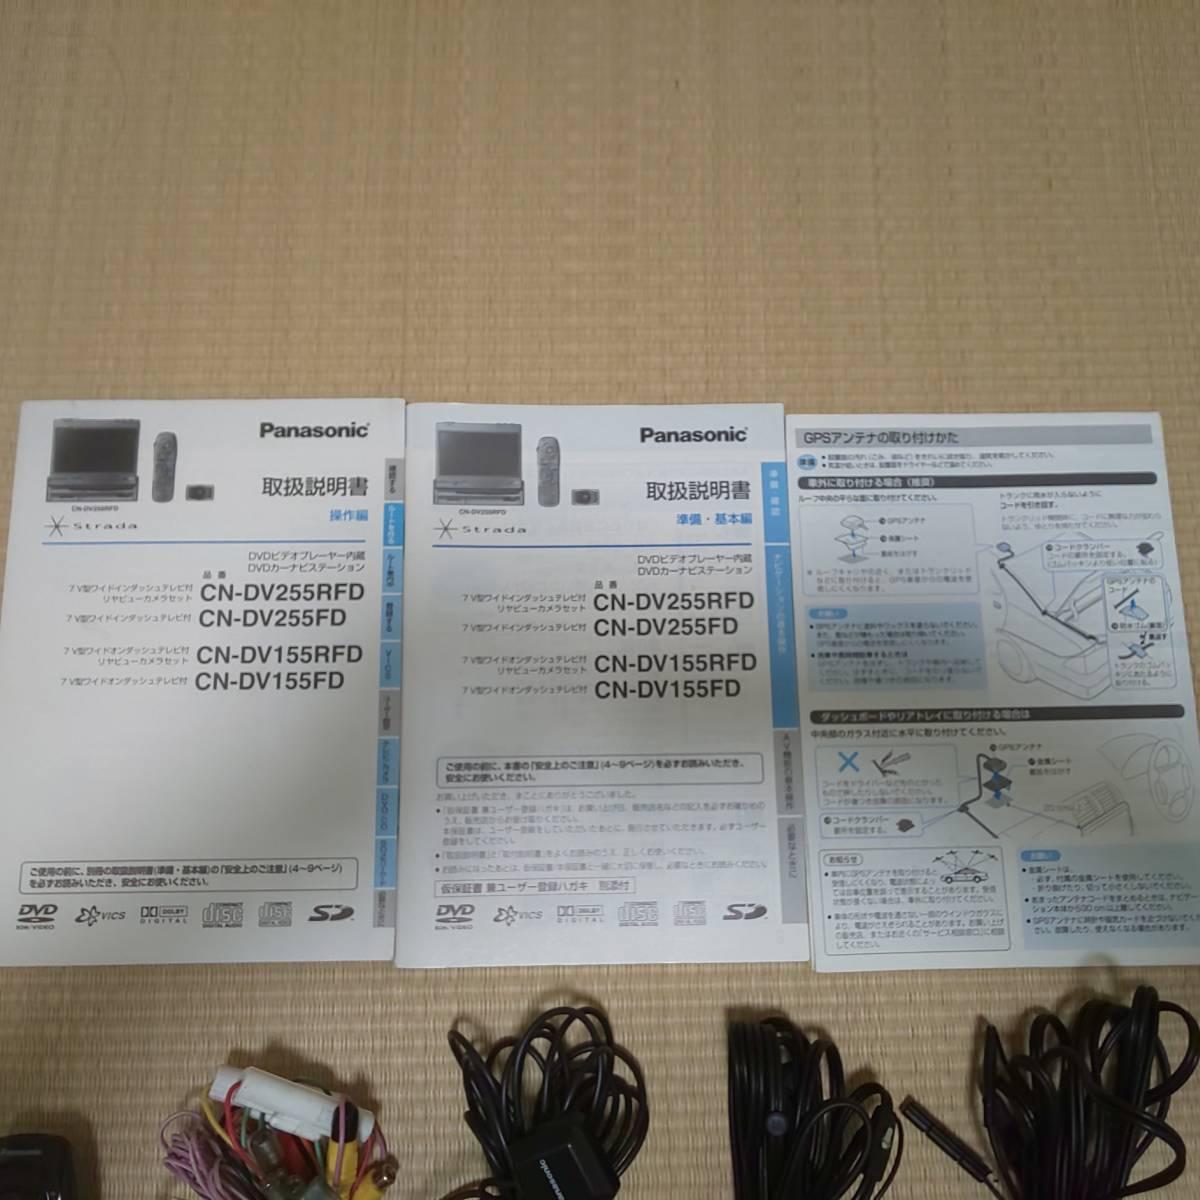 Panasonic strada CN-DV255FD DVDナビ_画像4